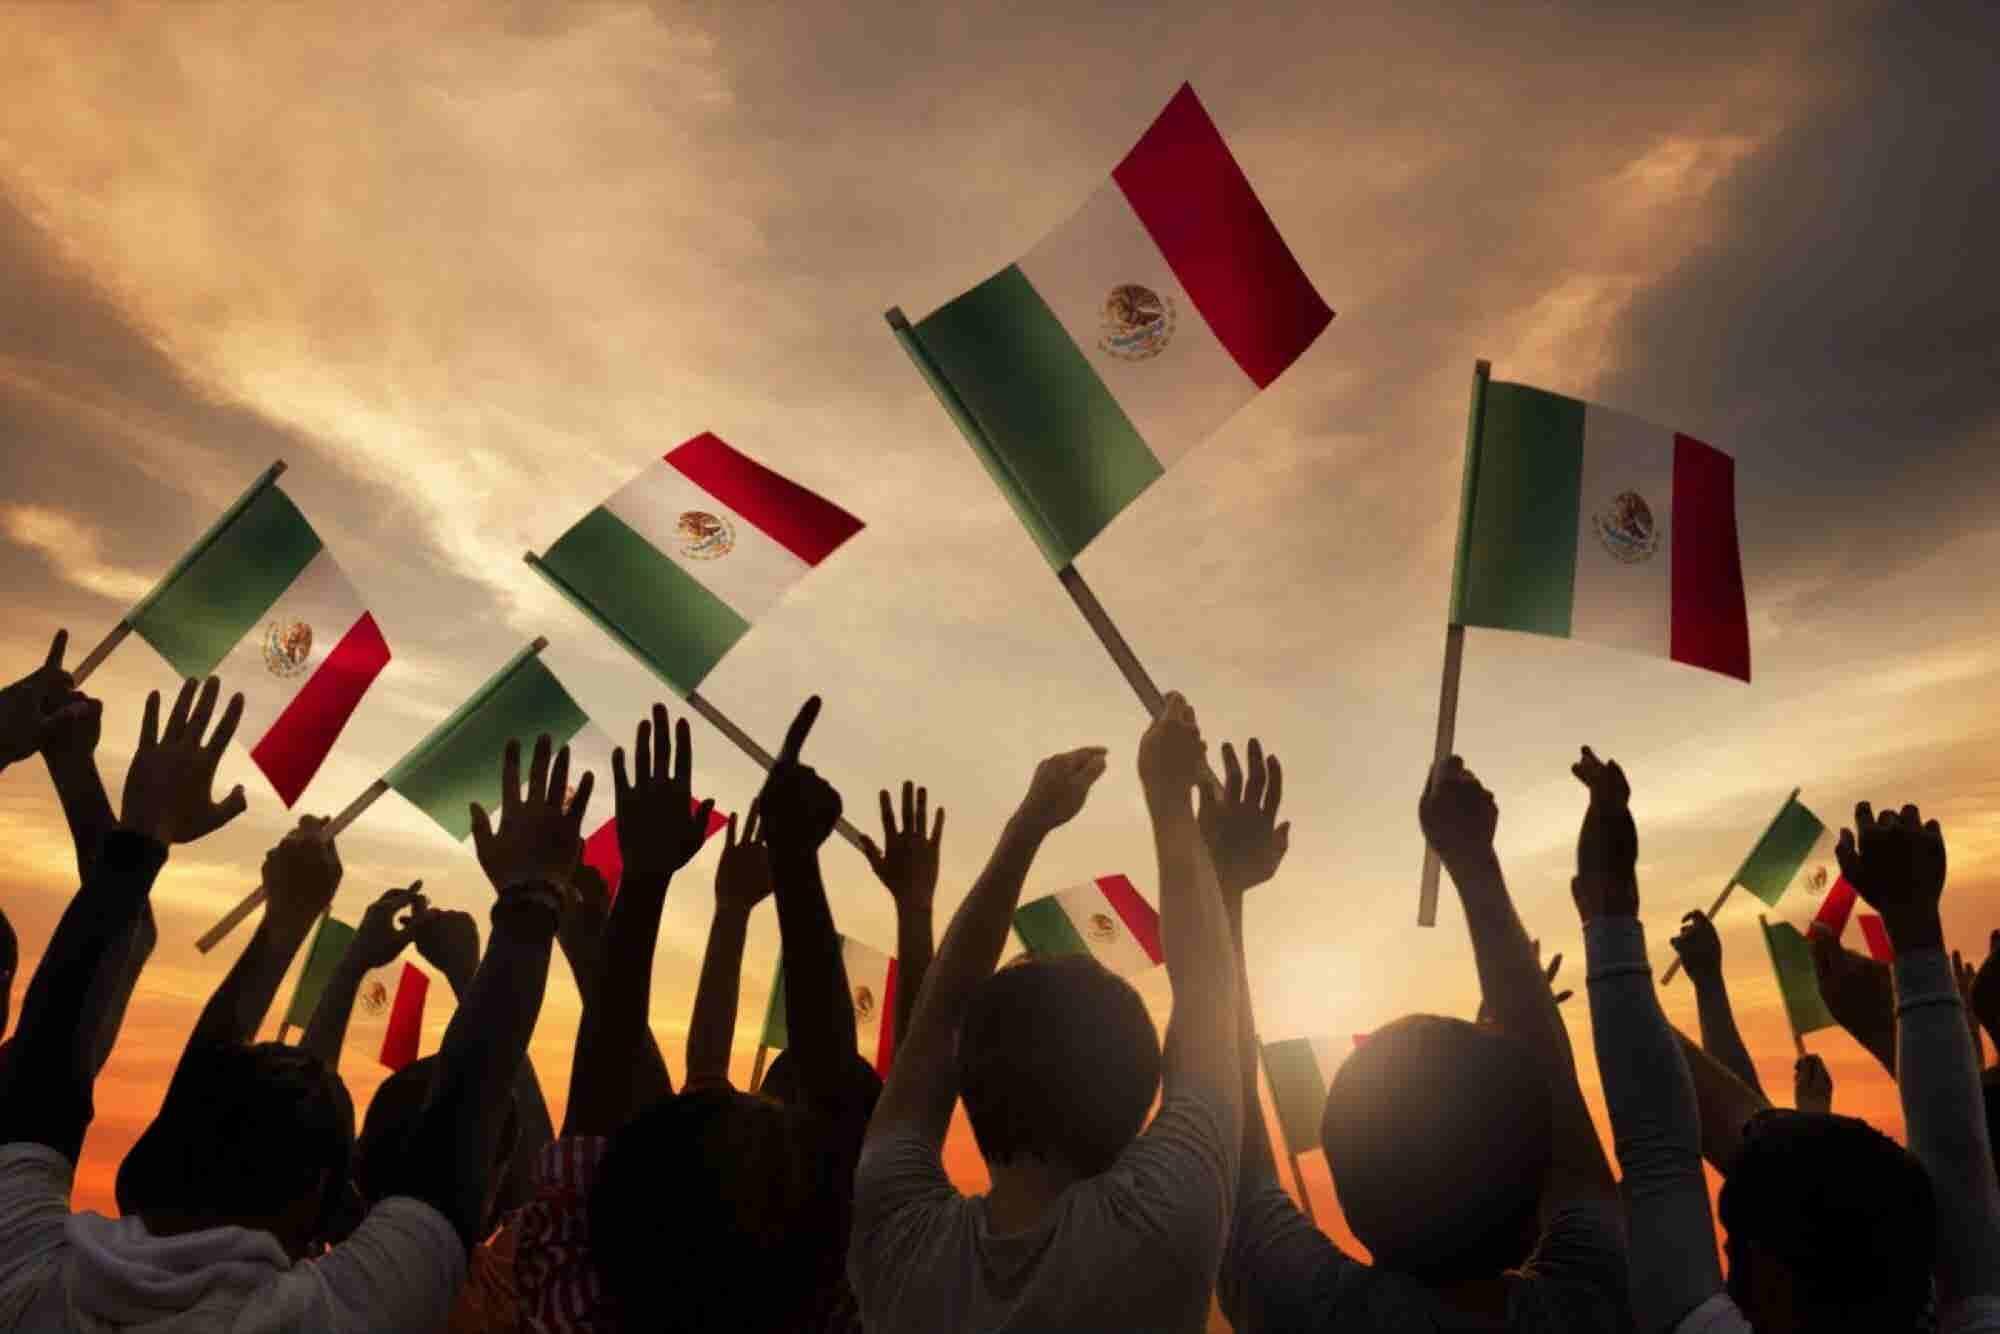 Las 9 marcas que ponen en alto el nombre de México en el mundo